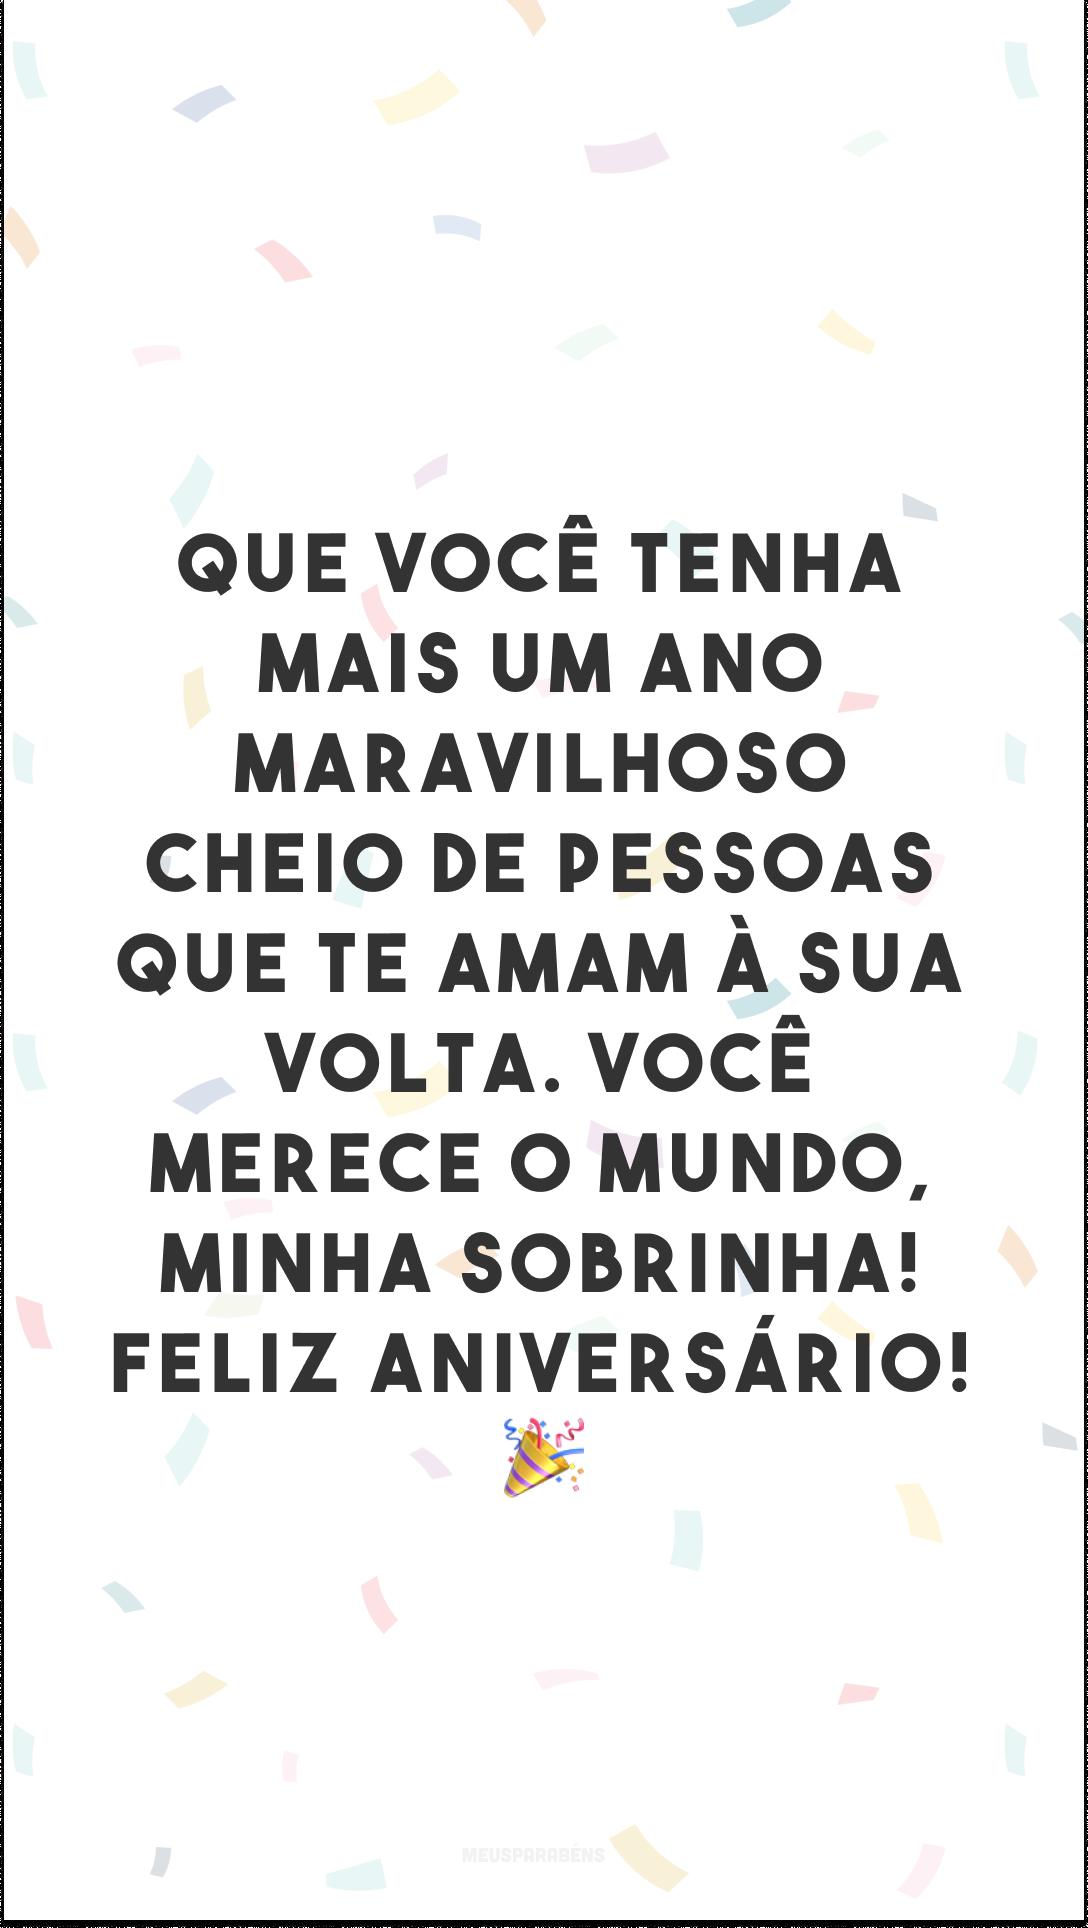 Que você tenha mais um ano maravilhoso cheio de pessoas que te amam à sua volta. Você merece o mundo, minha sobrinha! Feliz aniversário! 🎉